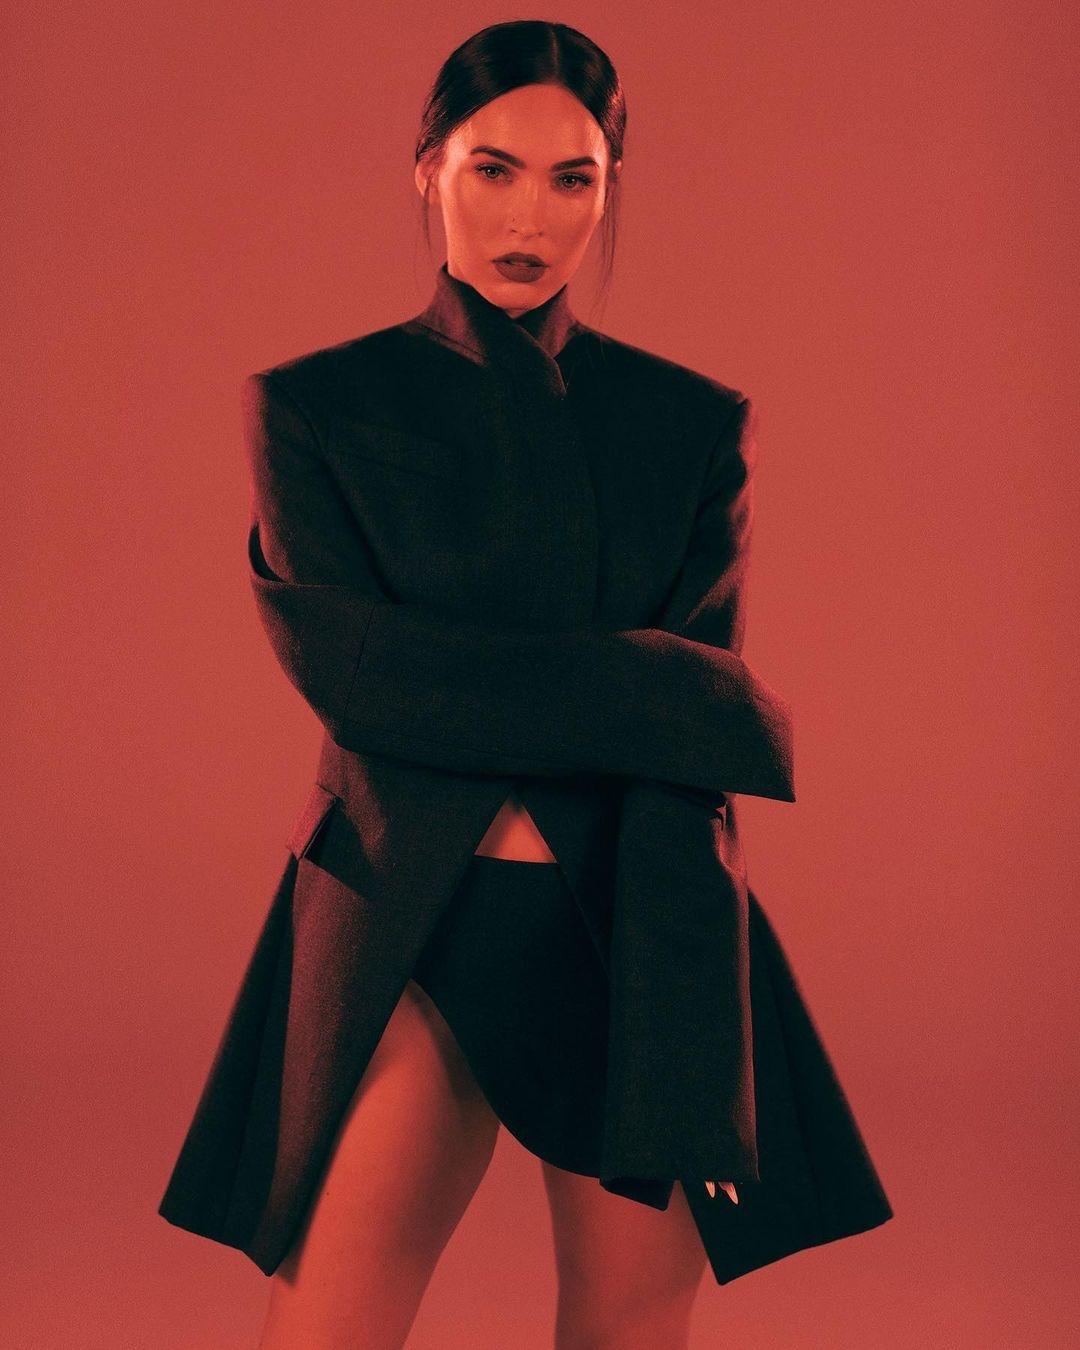 Меган Фокс снялась в эффектной фотосессии и рассказала о своем возвращении в шоу-бизнес (ФОТО) - фото №3